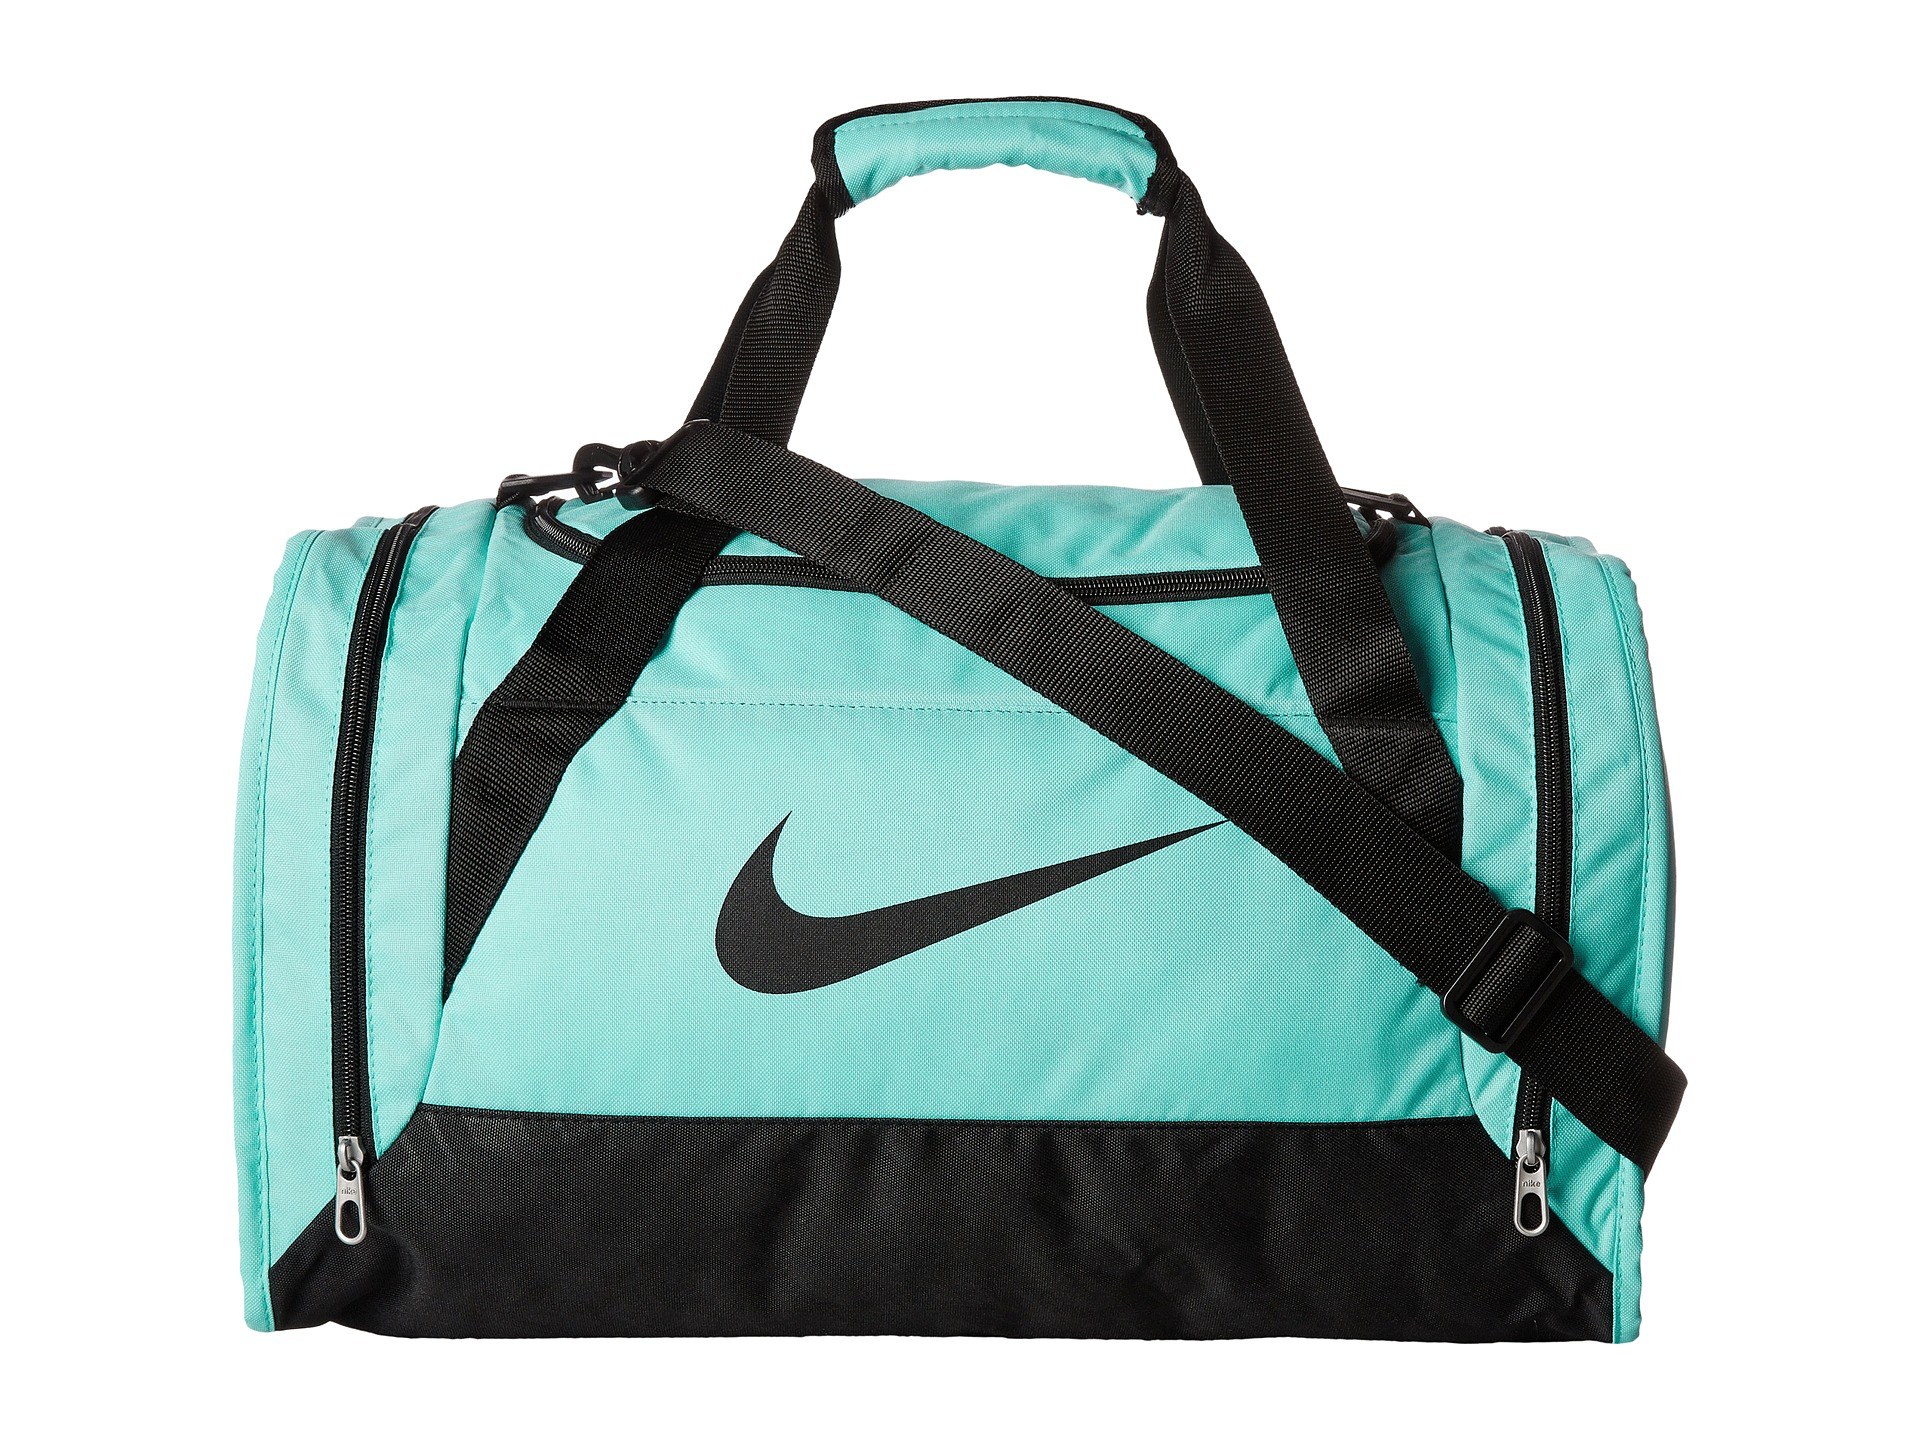 f67dd3fd02 Lyst - Nike Brasilia 6 Duffel Small in Blue